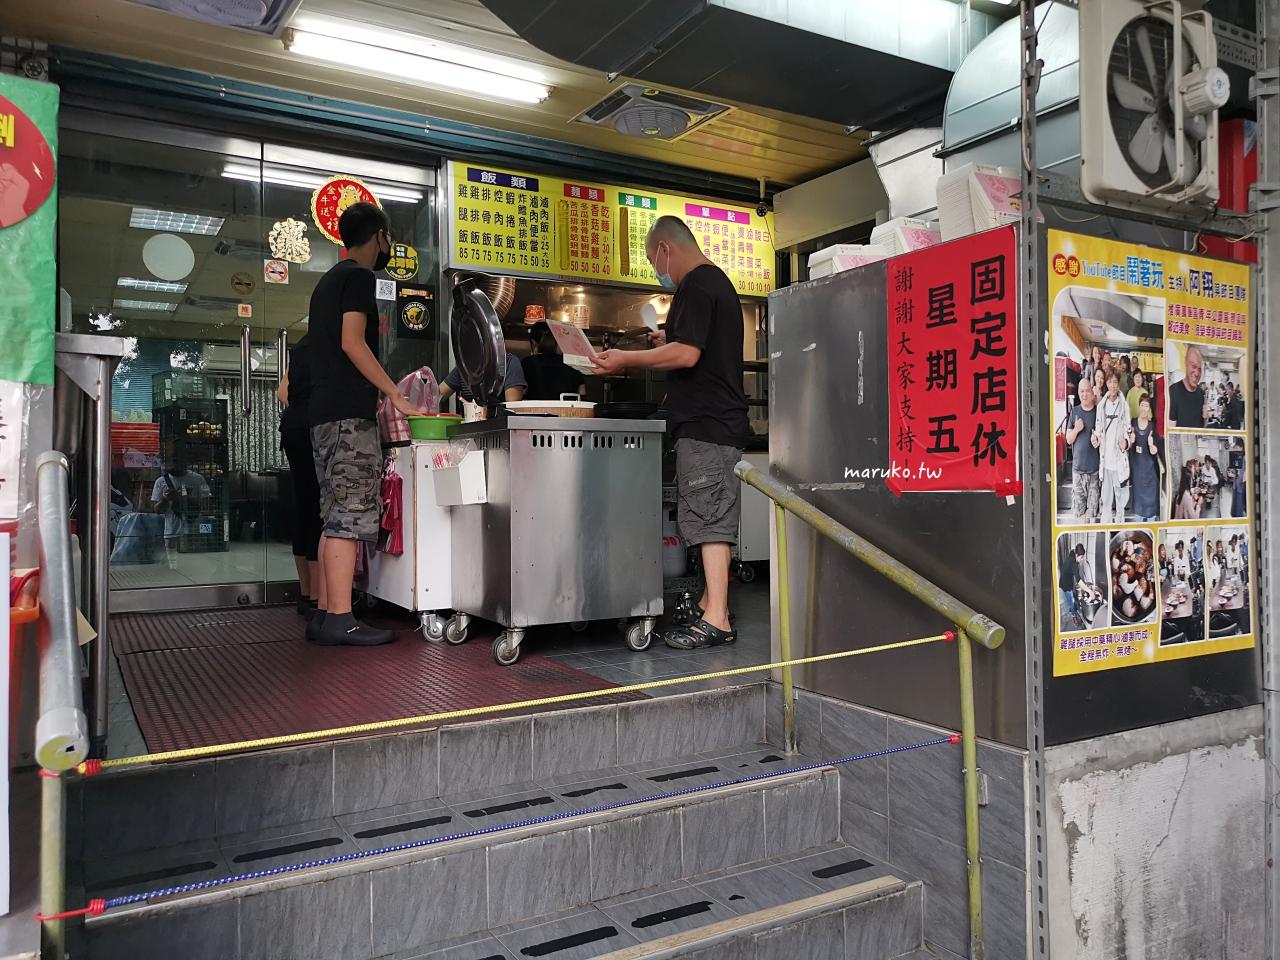 【台北】金銘雞腿魯肉飯 萬華在地隱藏版人氣便當 用中藥滷的黑雞腿 @Maruko與美食有個約會